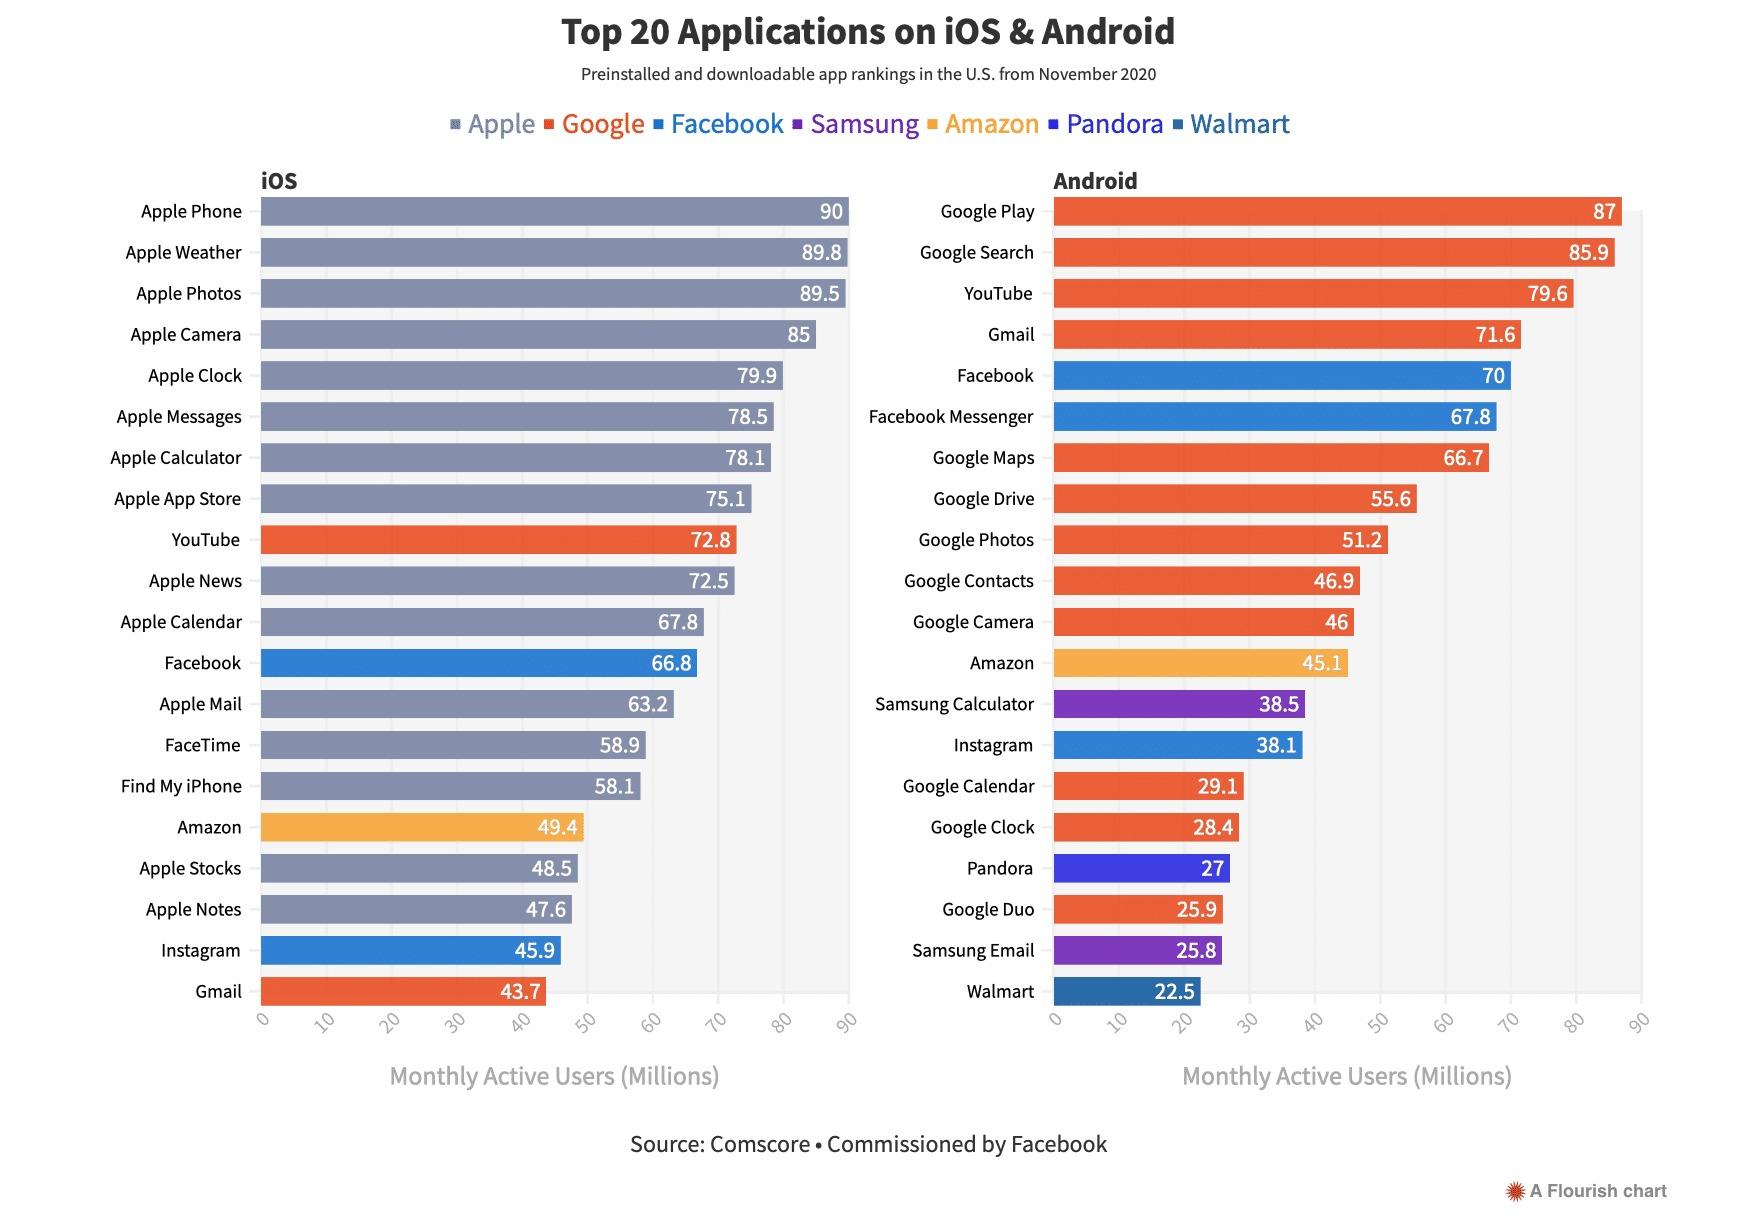 Nghiên cứu của Facebook: Apple cạnh tranh không công bằng, khiến nhiều ứng dụng bên thứ ba thua thiệt - Ảnh 2.